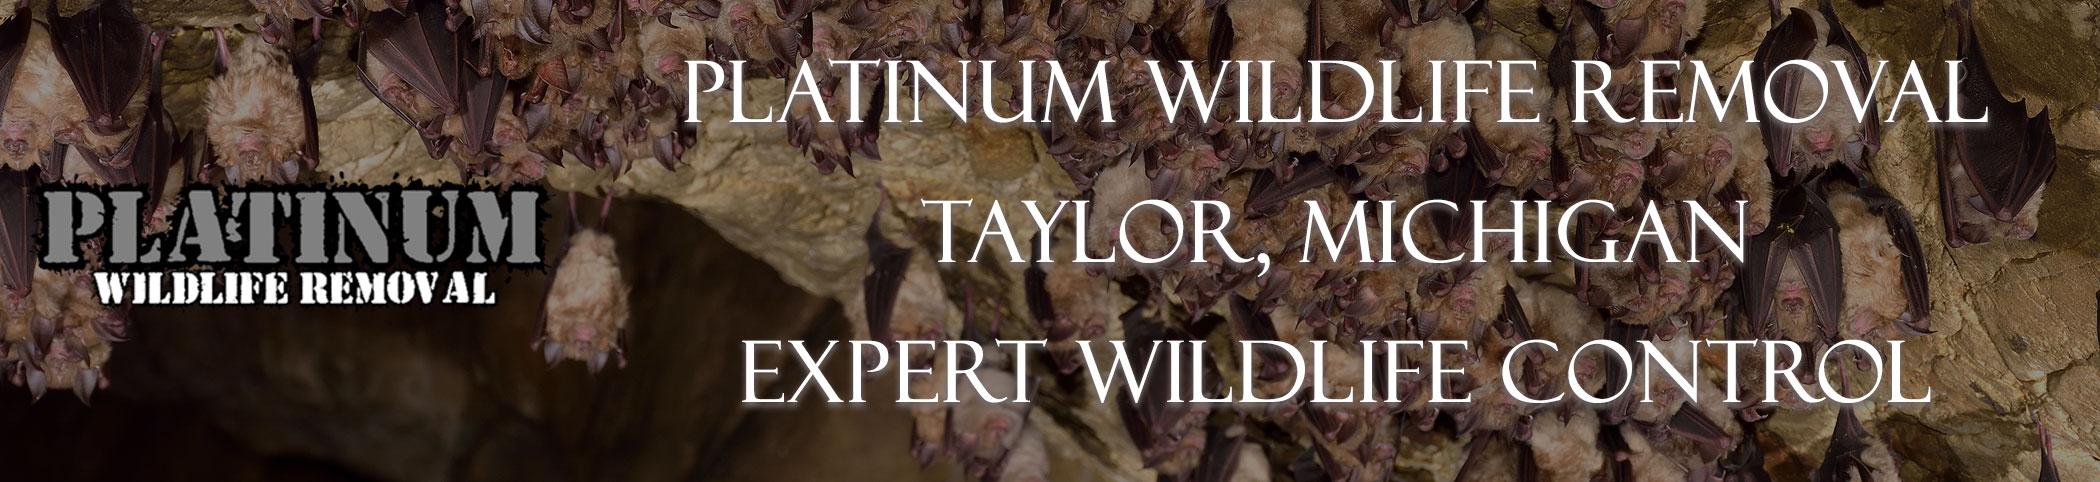 Taylor-Michigan-Bat-Removal-header-Image